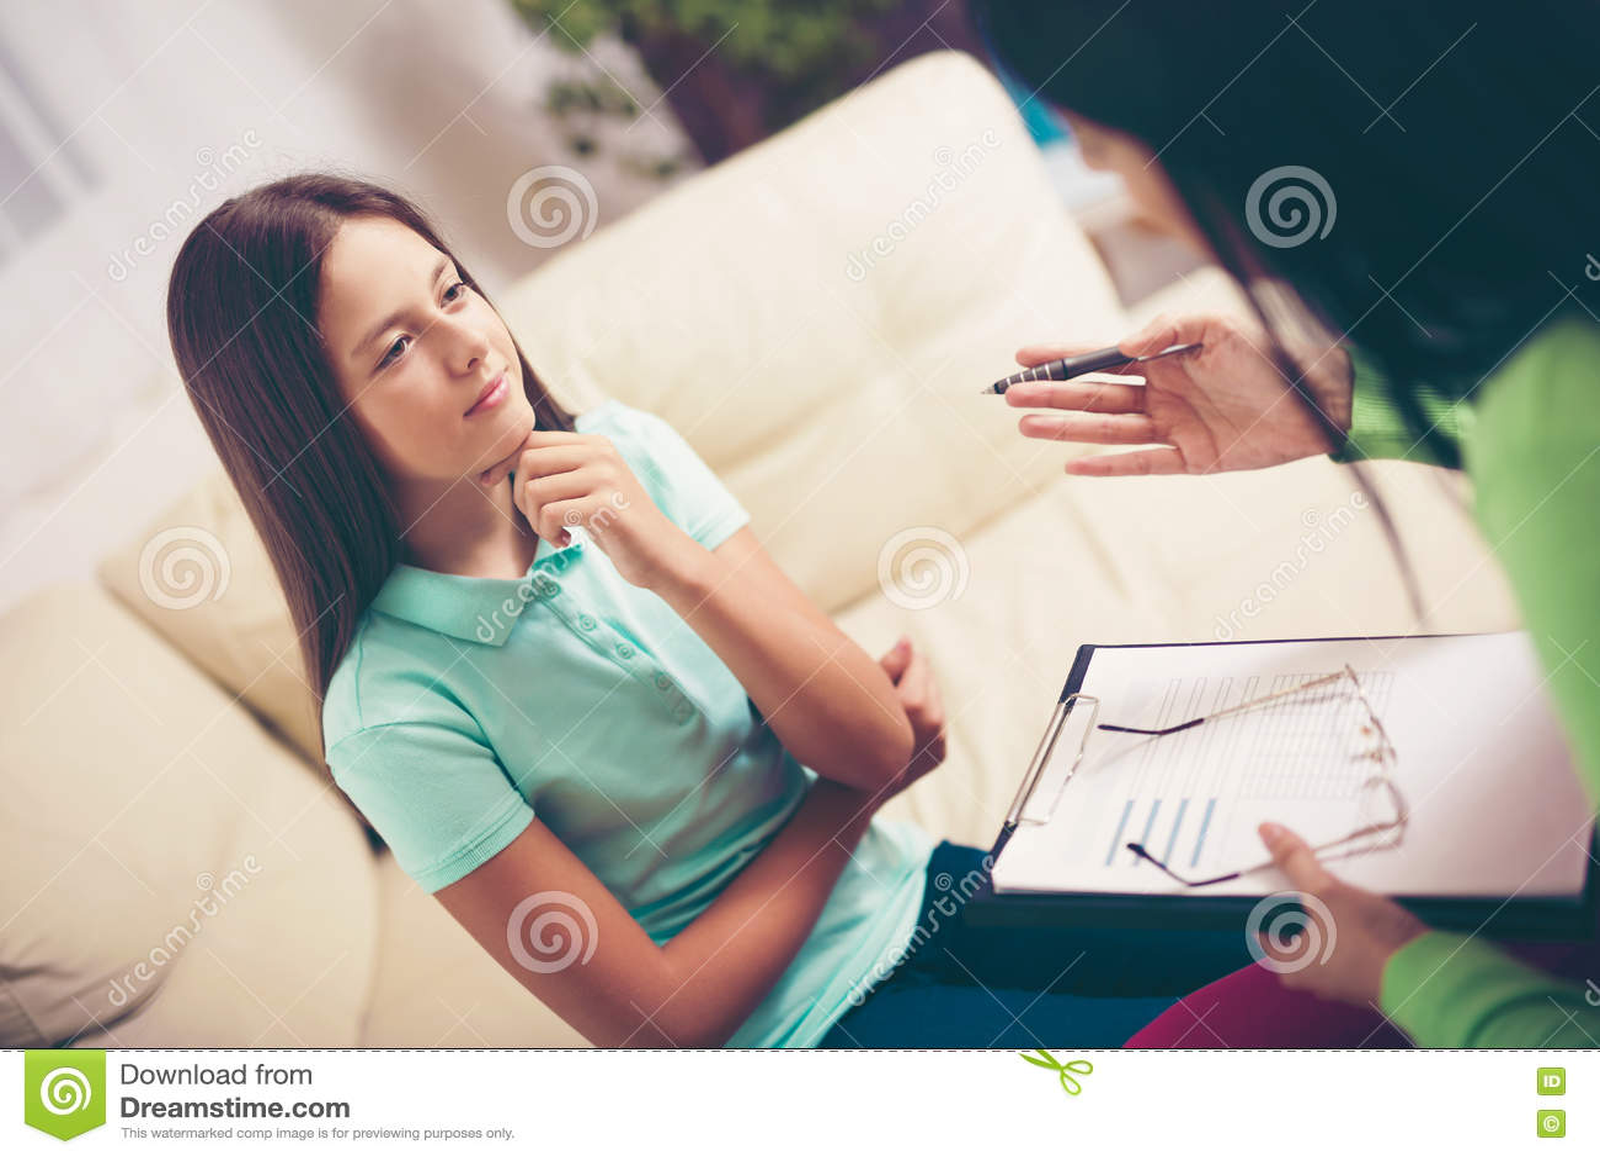 Psichiatra che diagnostica adolescente con il problema mentale